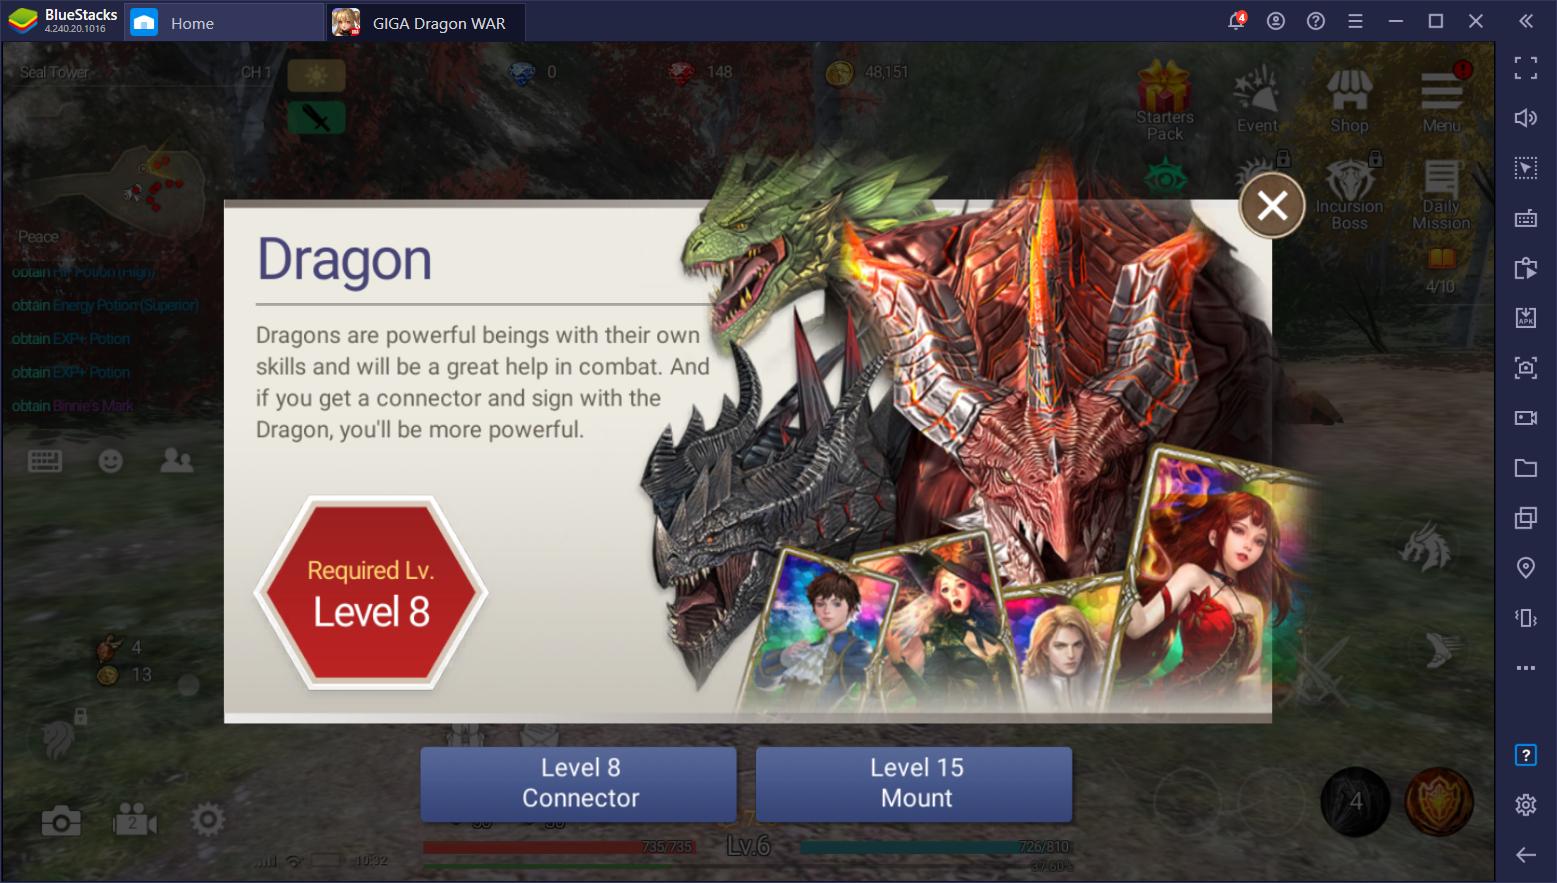 10 Hal Yang Harus Kalian Ketahui Sebelum Bermain GIGA Dragon War!